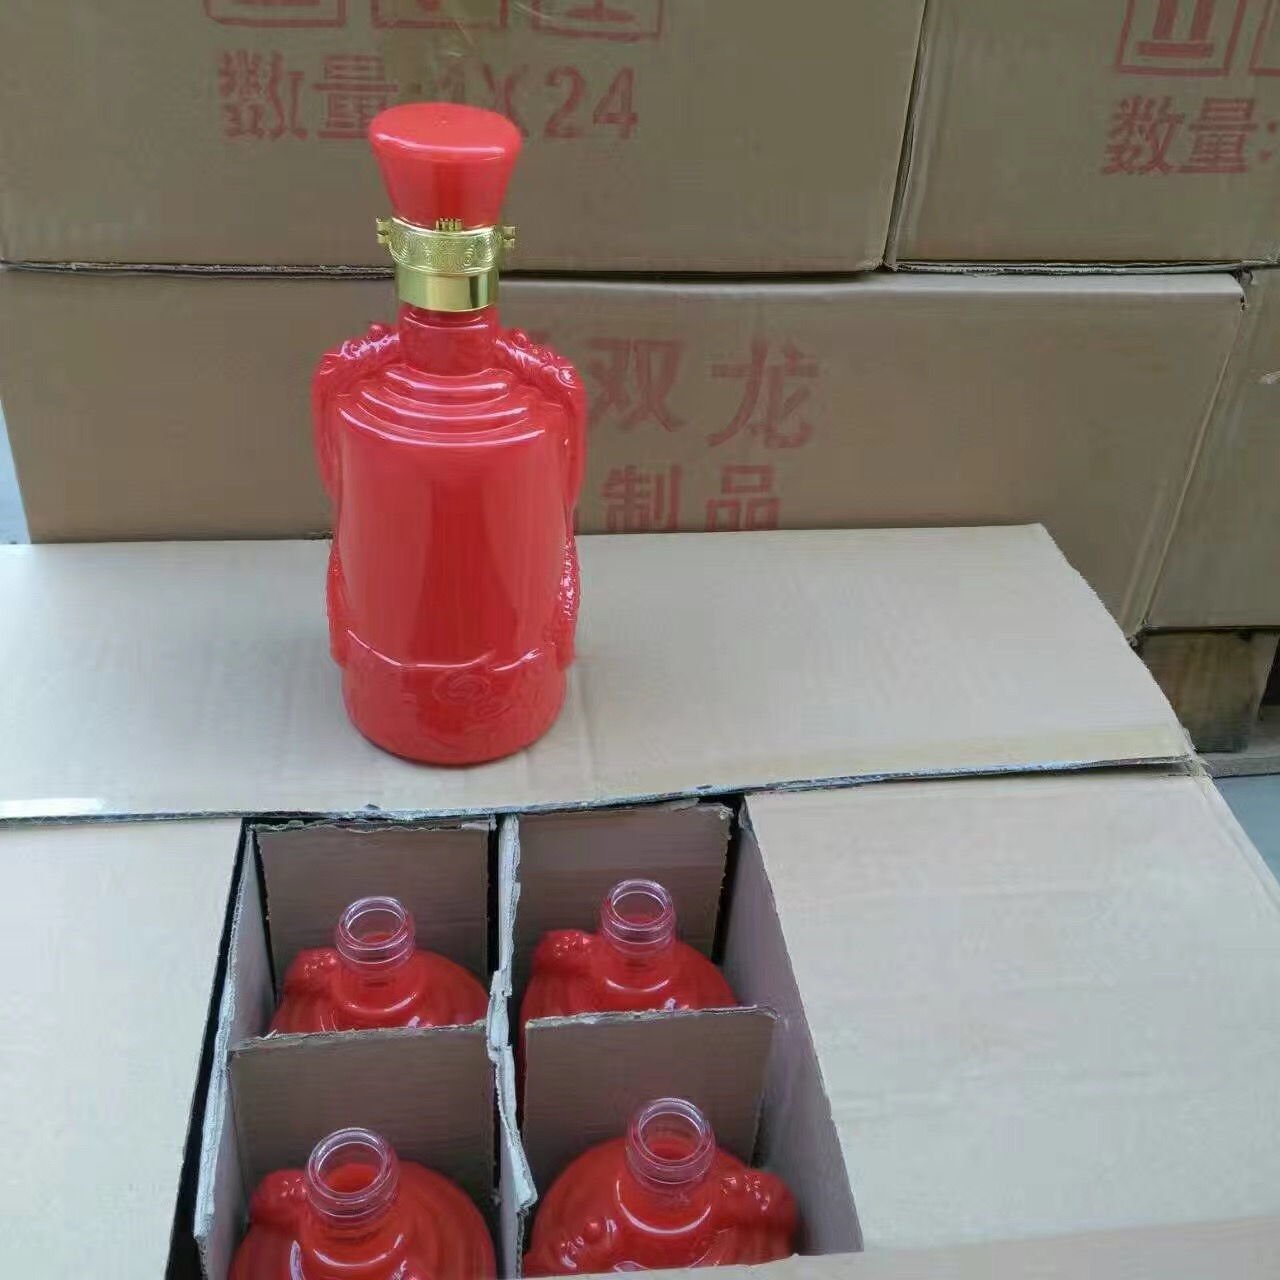 昭通红酒瓶生产厂家 洋酒瓶批发市场 大气酒瓶 xo酒瓶 晶白料瓶 水晶酒瓶